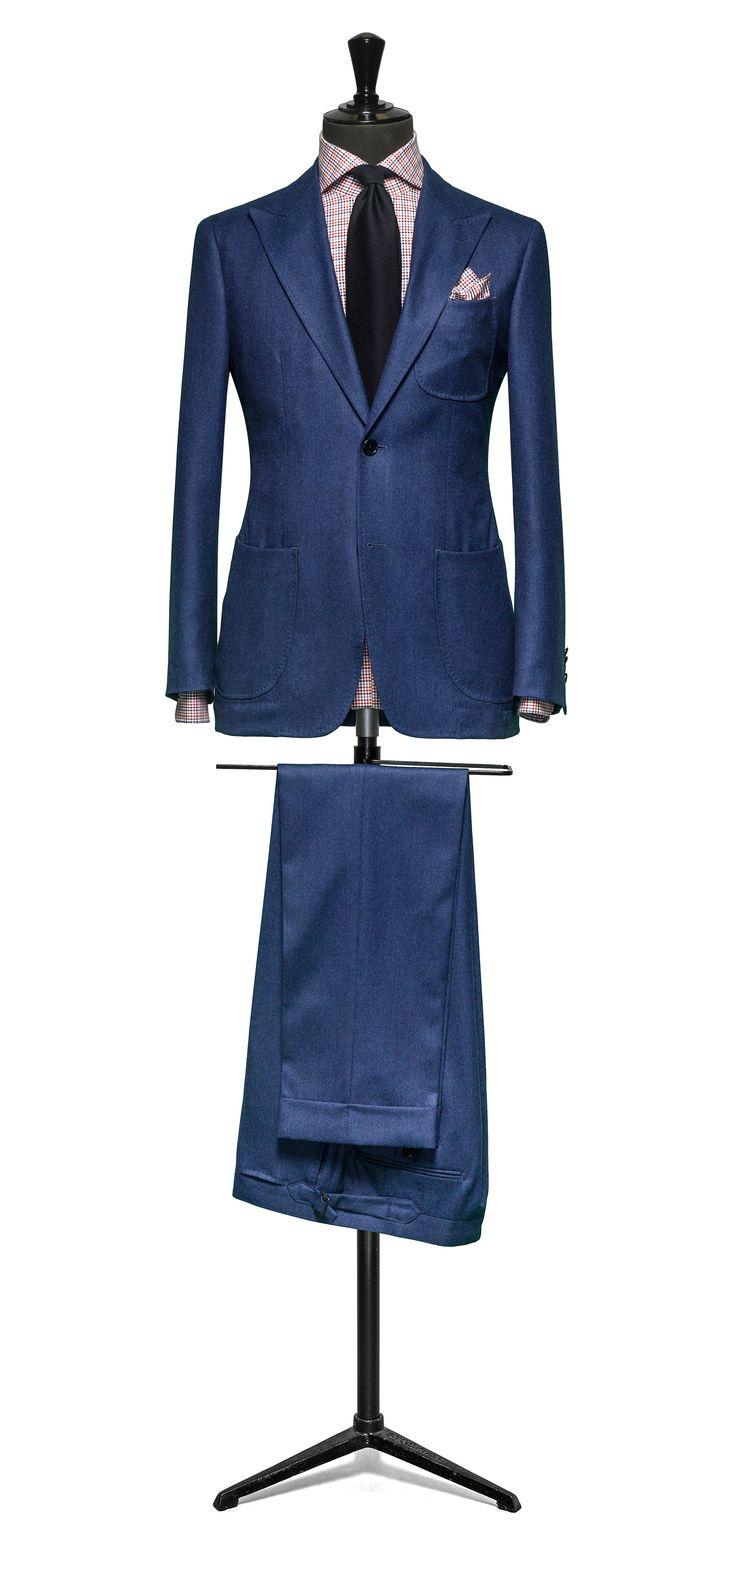 Blue suit Plain flannel S120 http://www.tailormadelondon.com/shop/tailored-suit-fabric-4326-plain-blue/